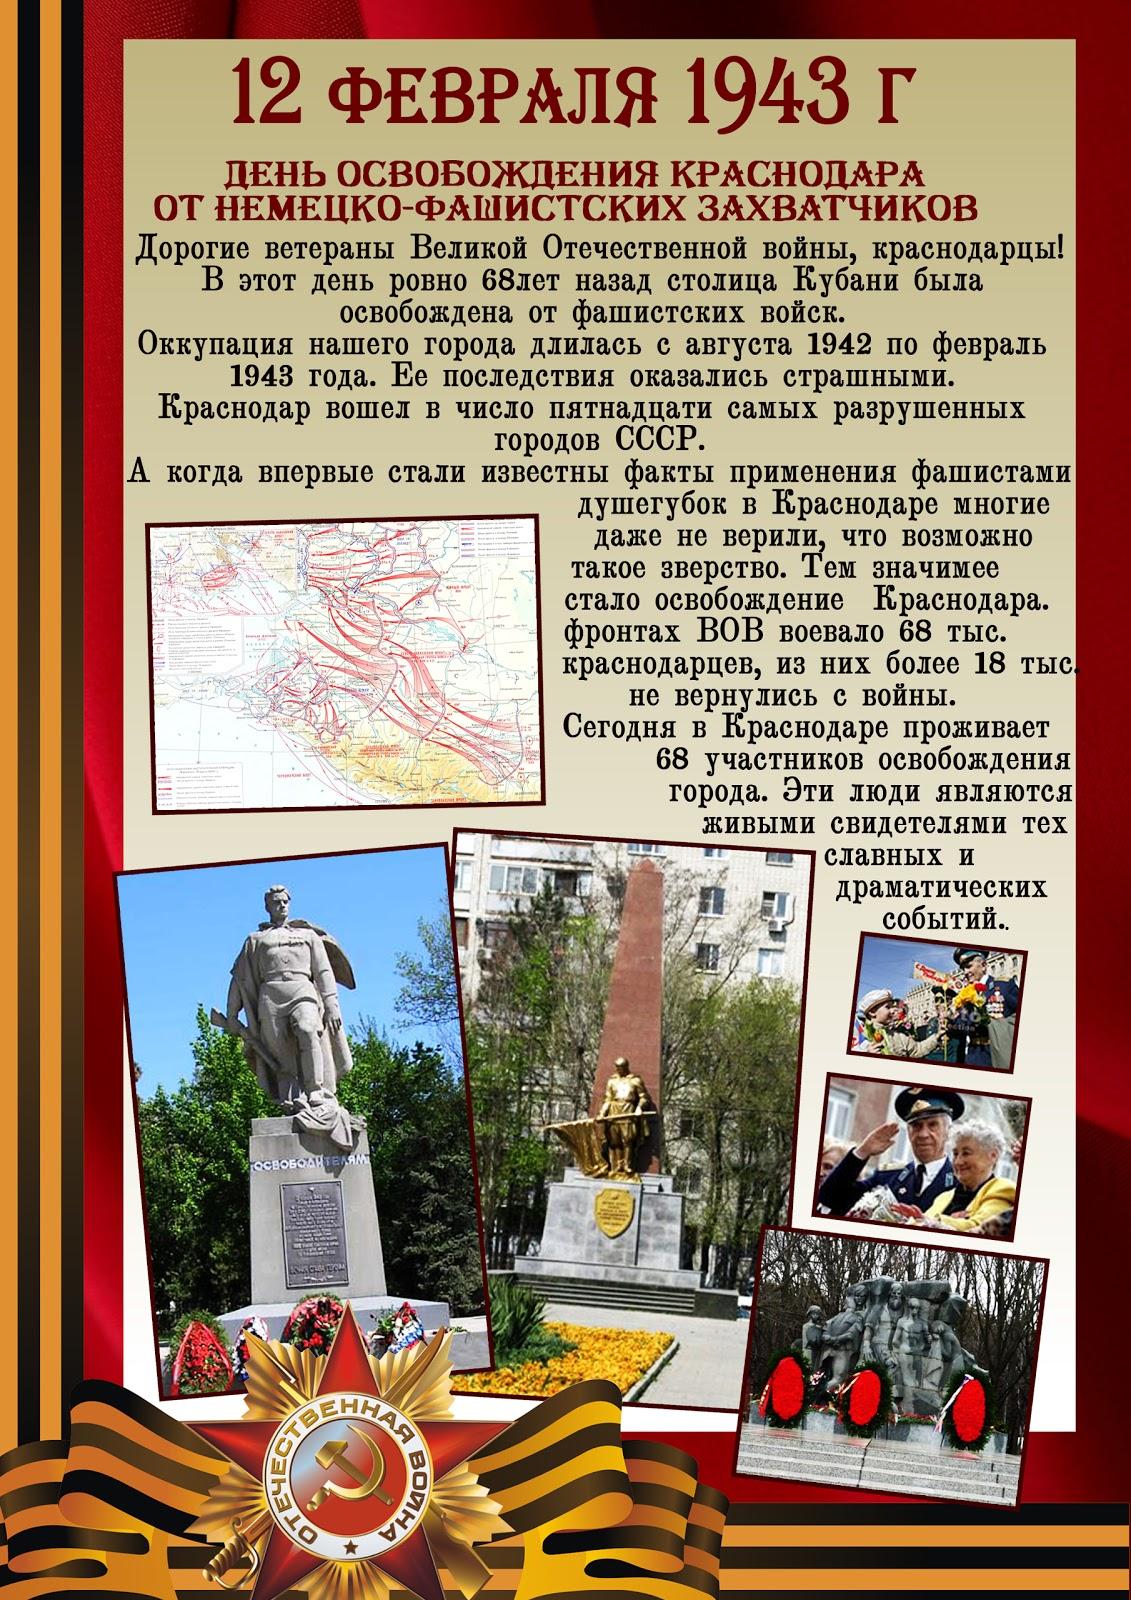 13 сентября 74 года назад цик ссср принял постановление о разделении азово-черноморского края на краснодарский край и